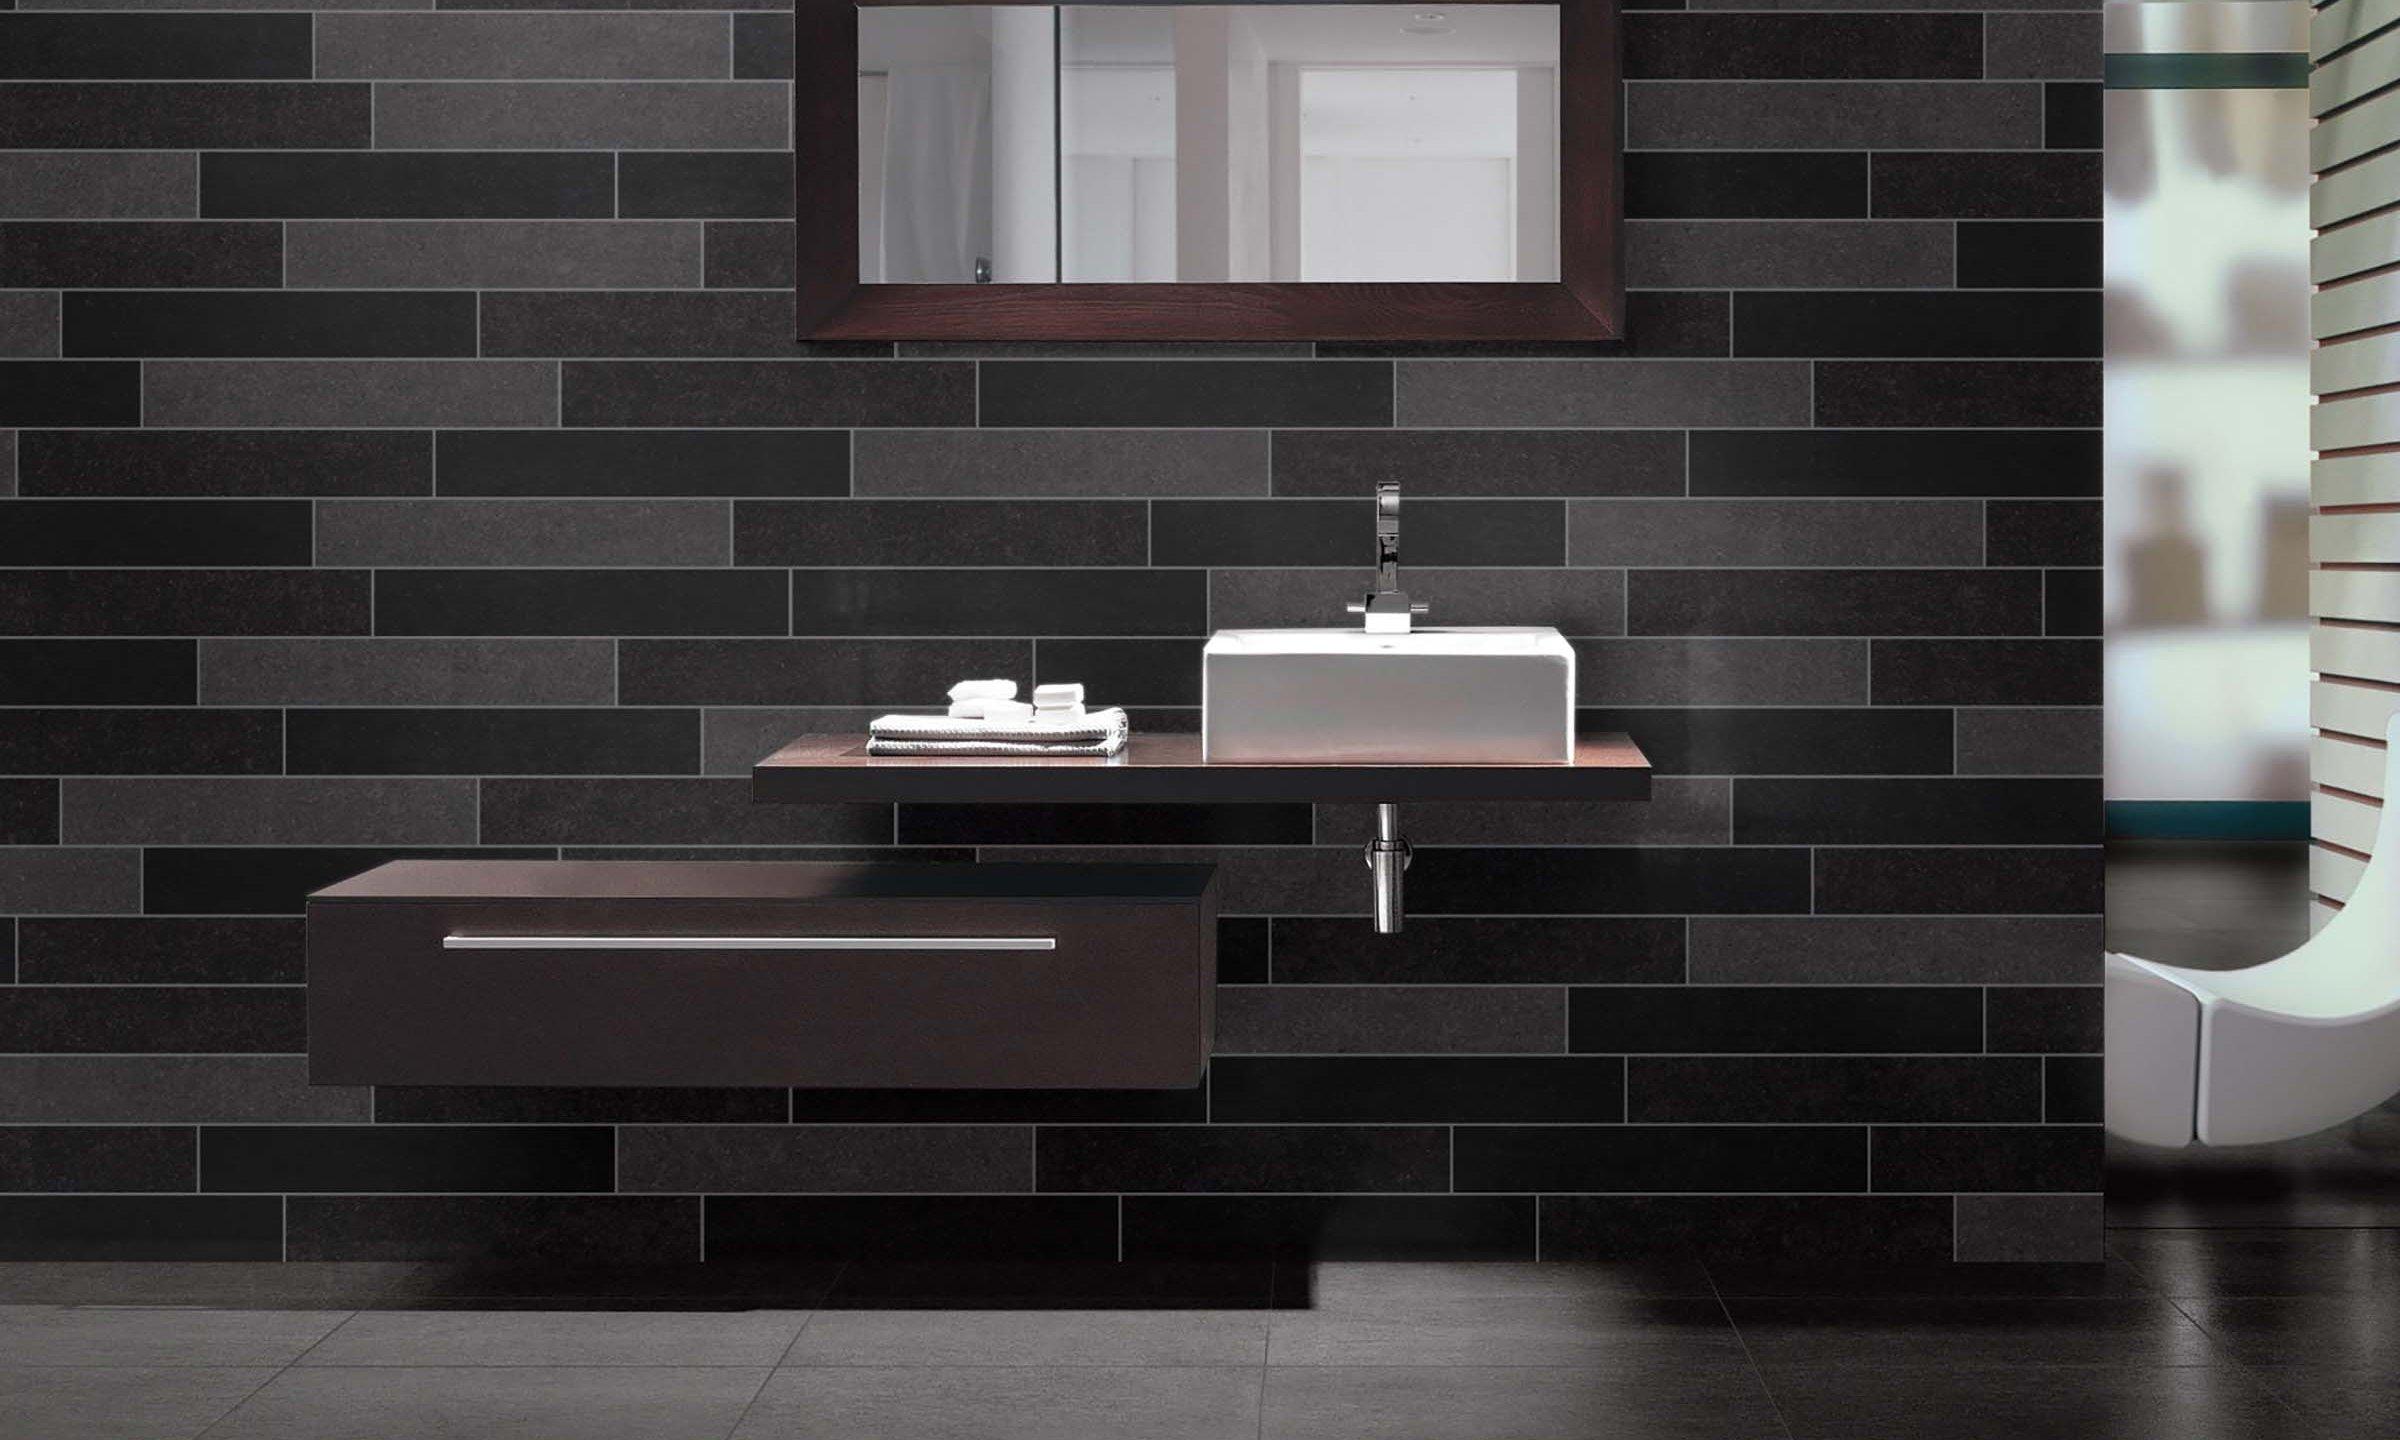 couleur sombre salle de bain carrelage noir